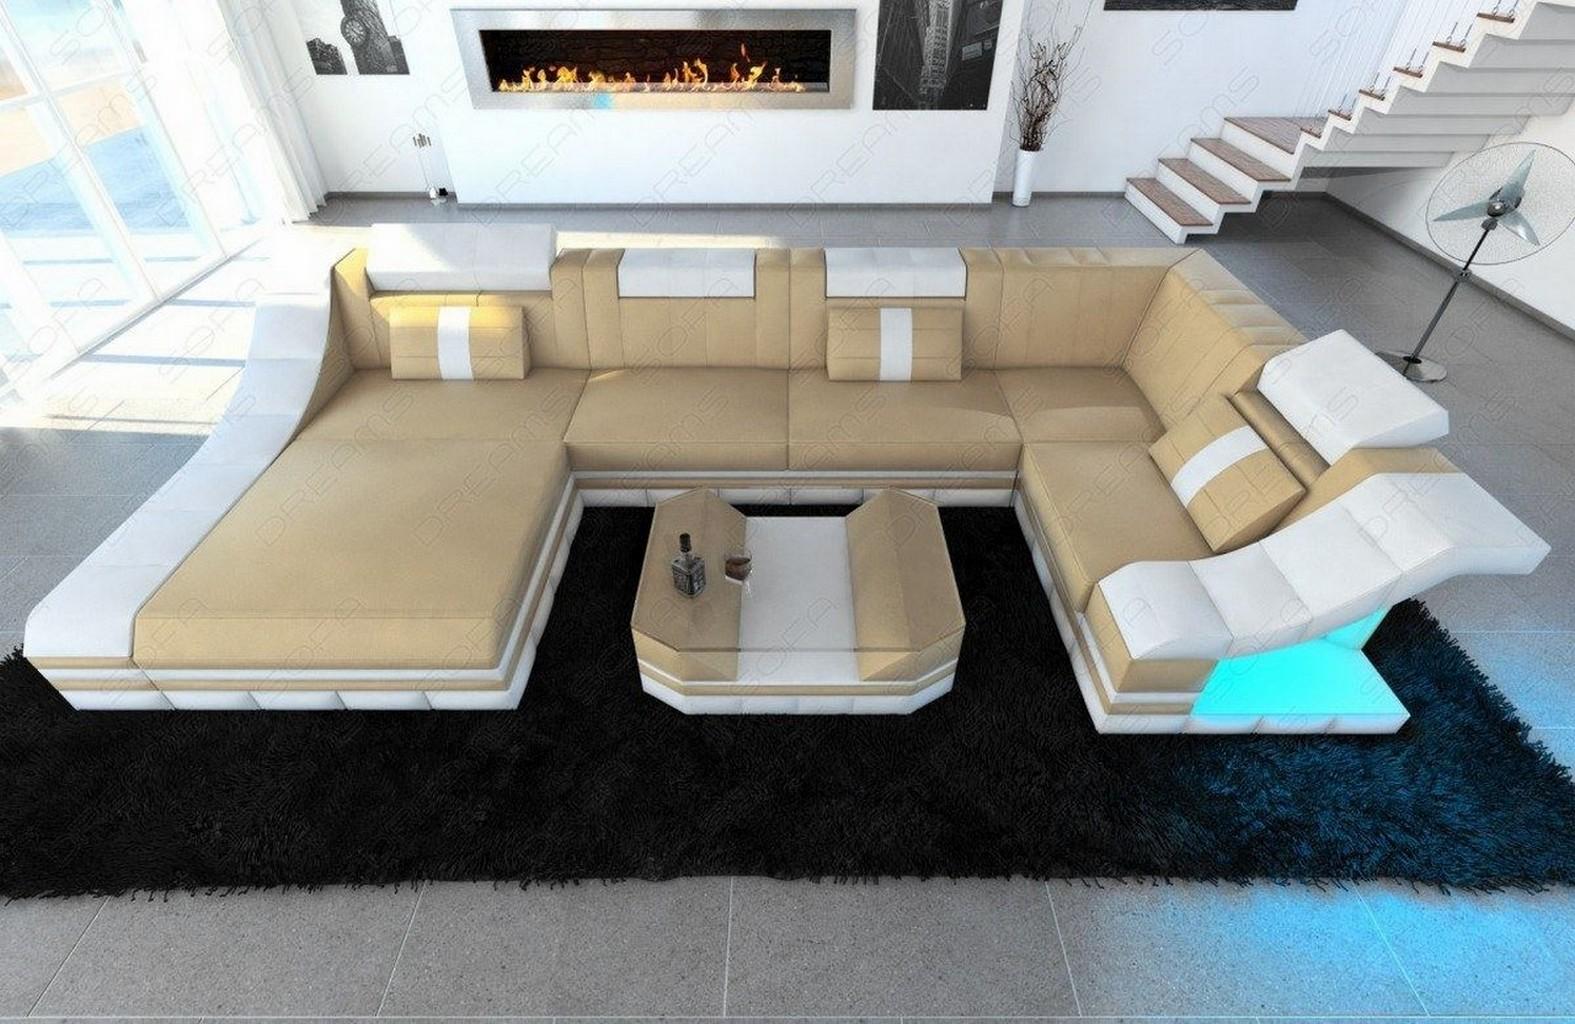 Couchgarnitur wohnlandschaft turino u form mit led for Couchgarnitur italienisches design